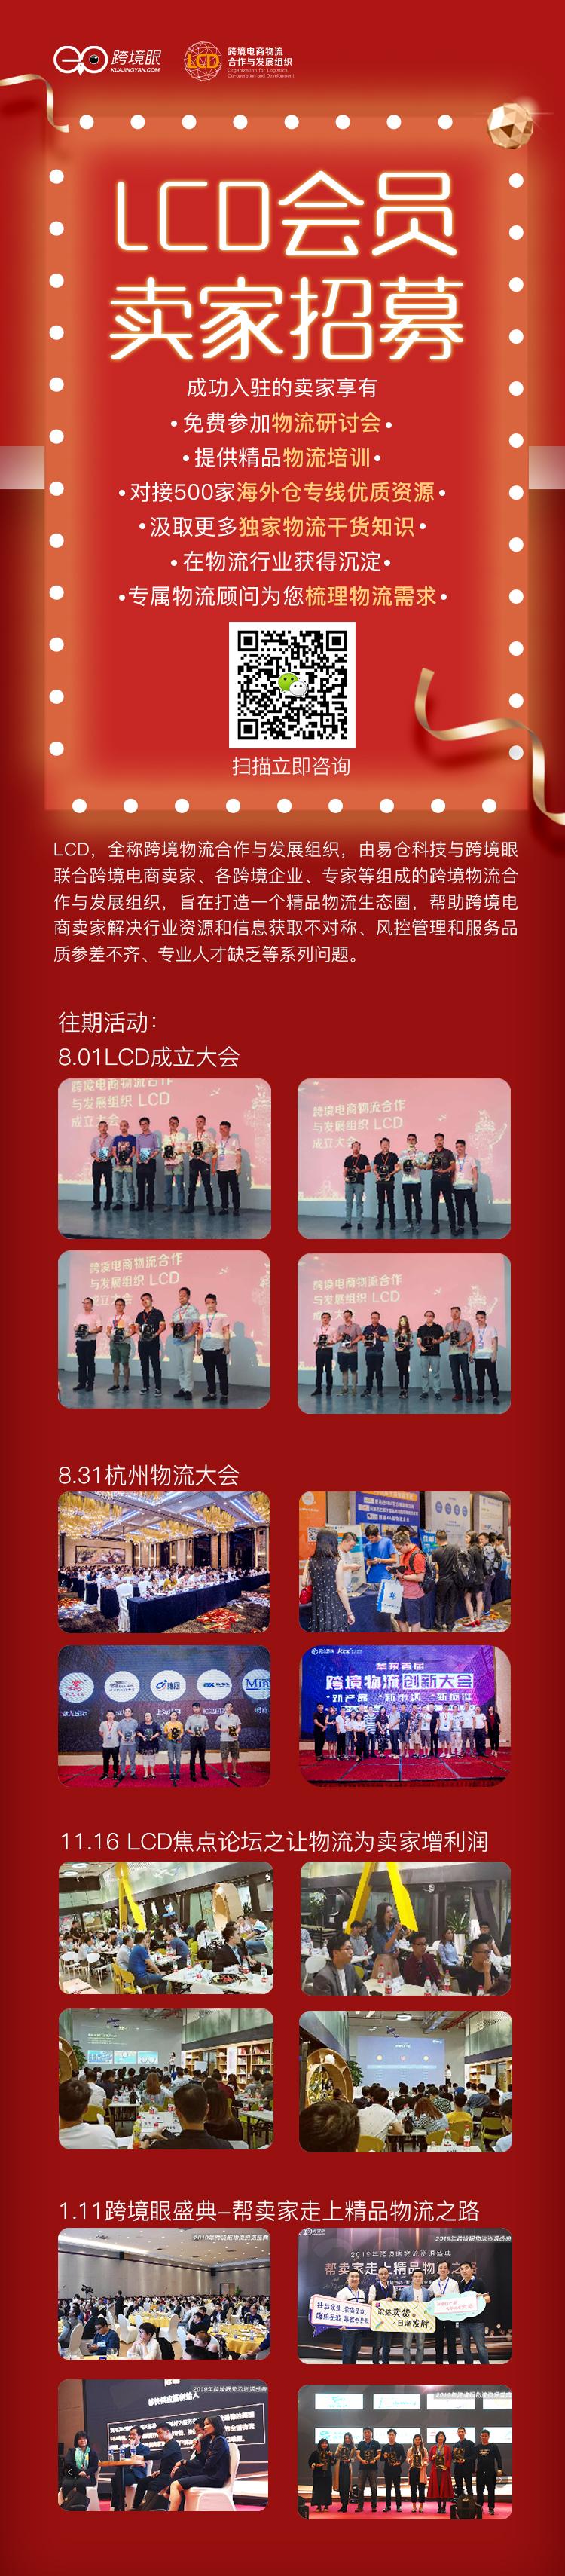 LCD卖家招募长图